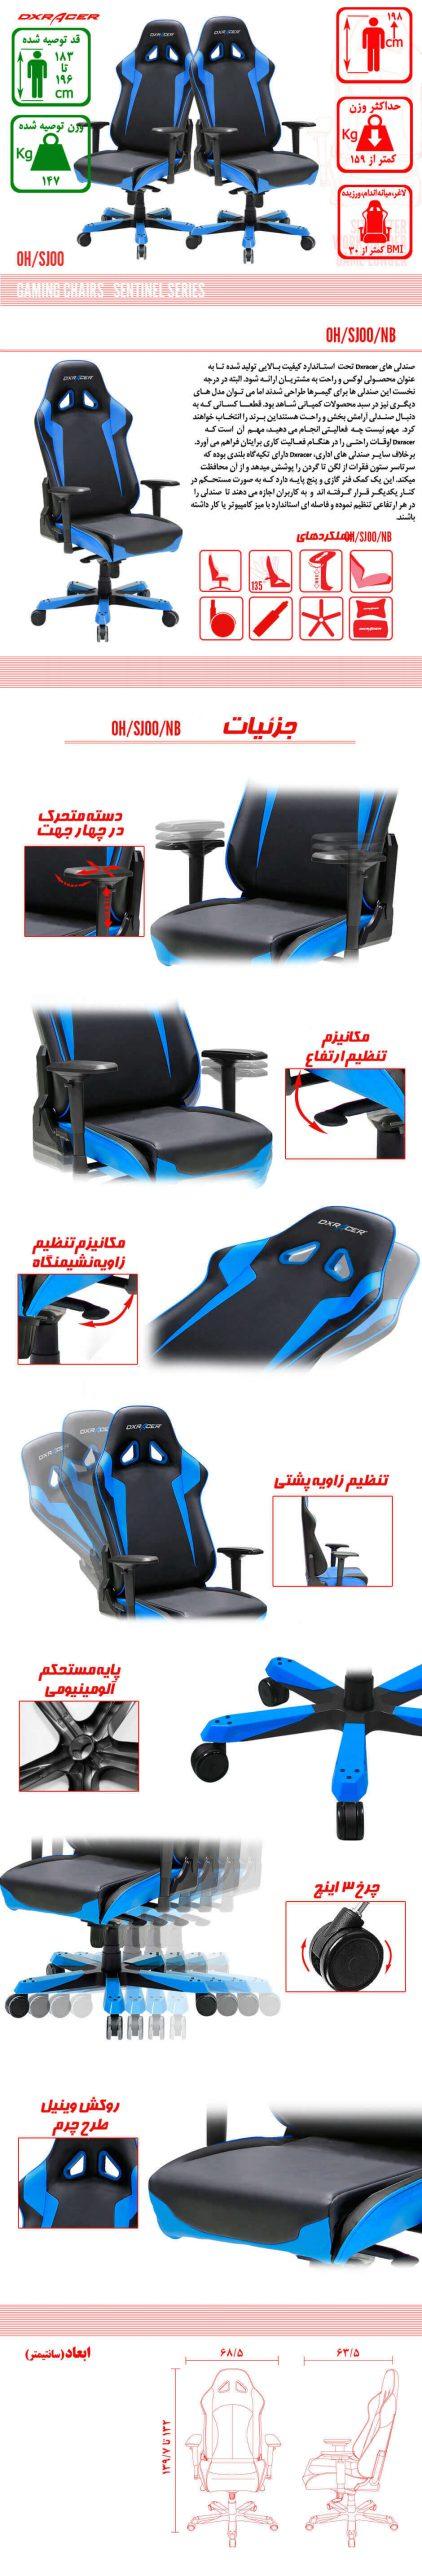 صندلی گیمینگ DXRACER سری سنتینل مدل OH SJ00 NB